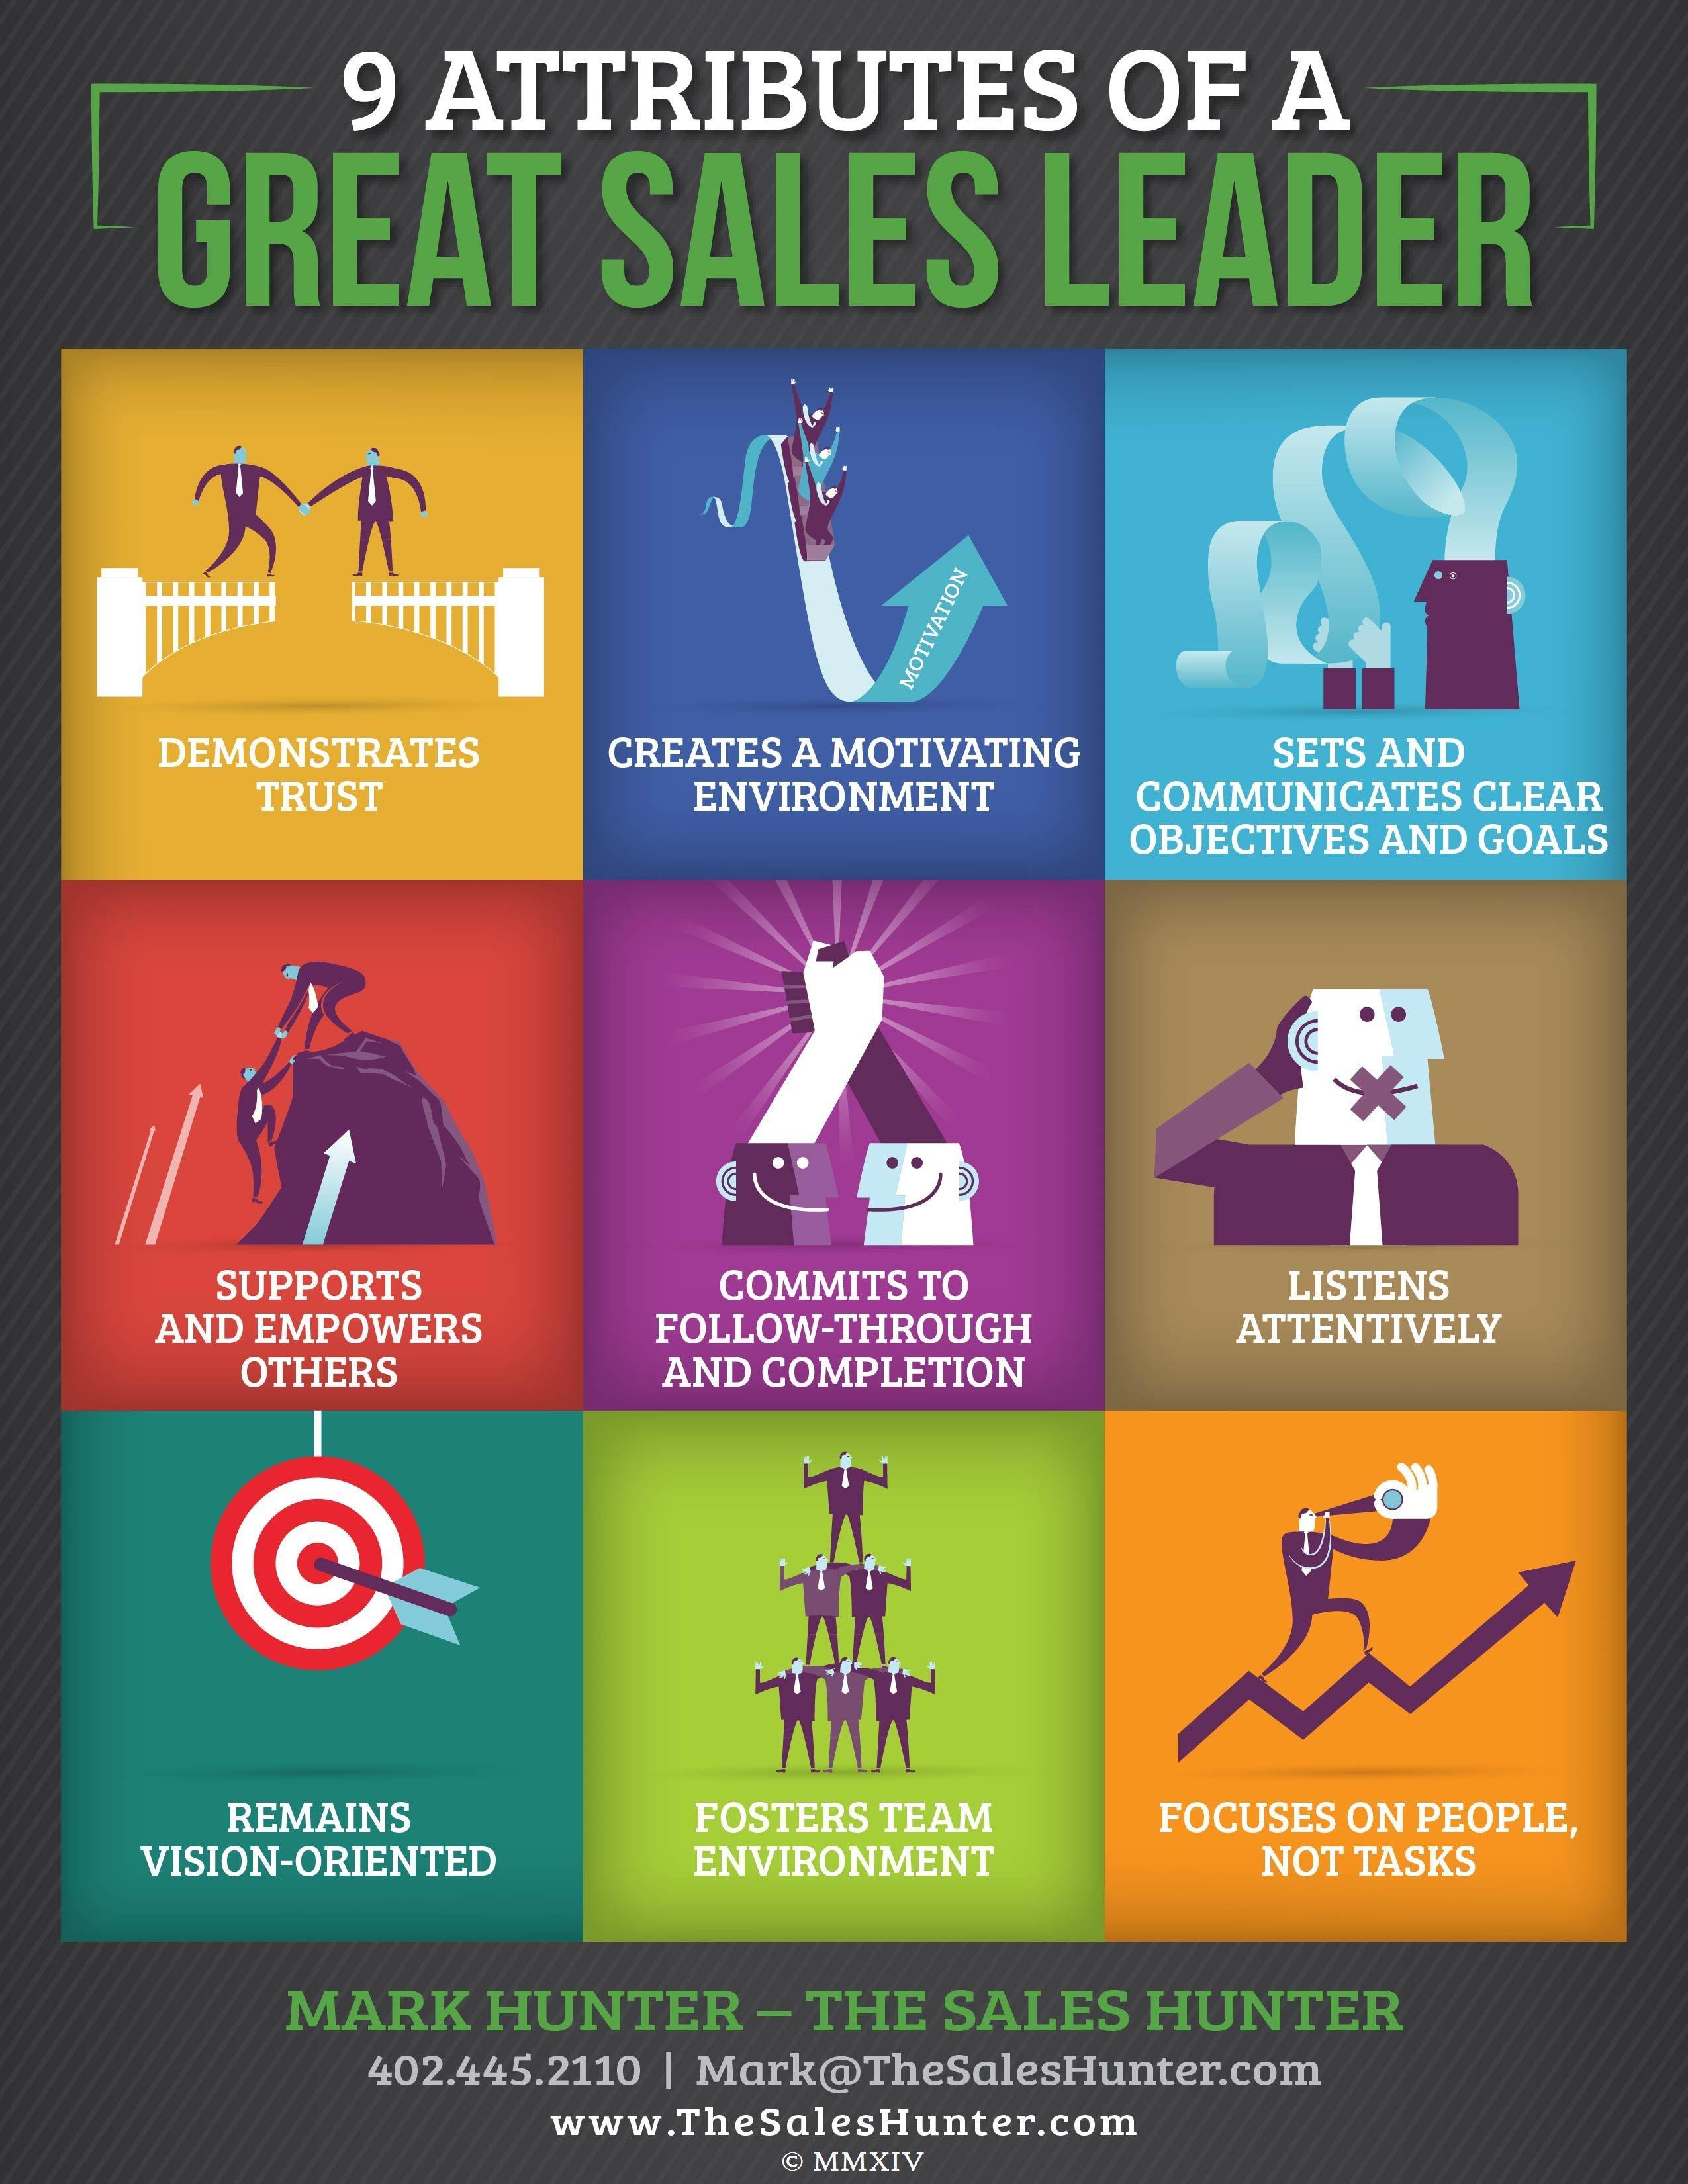 Great Leaders Qualities of Sales